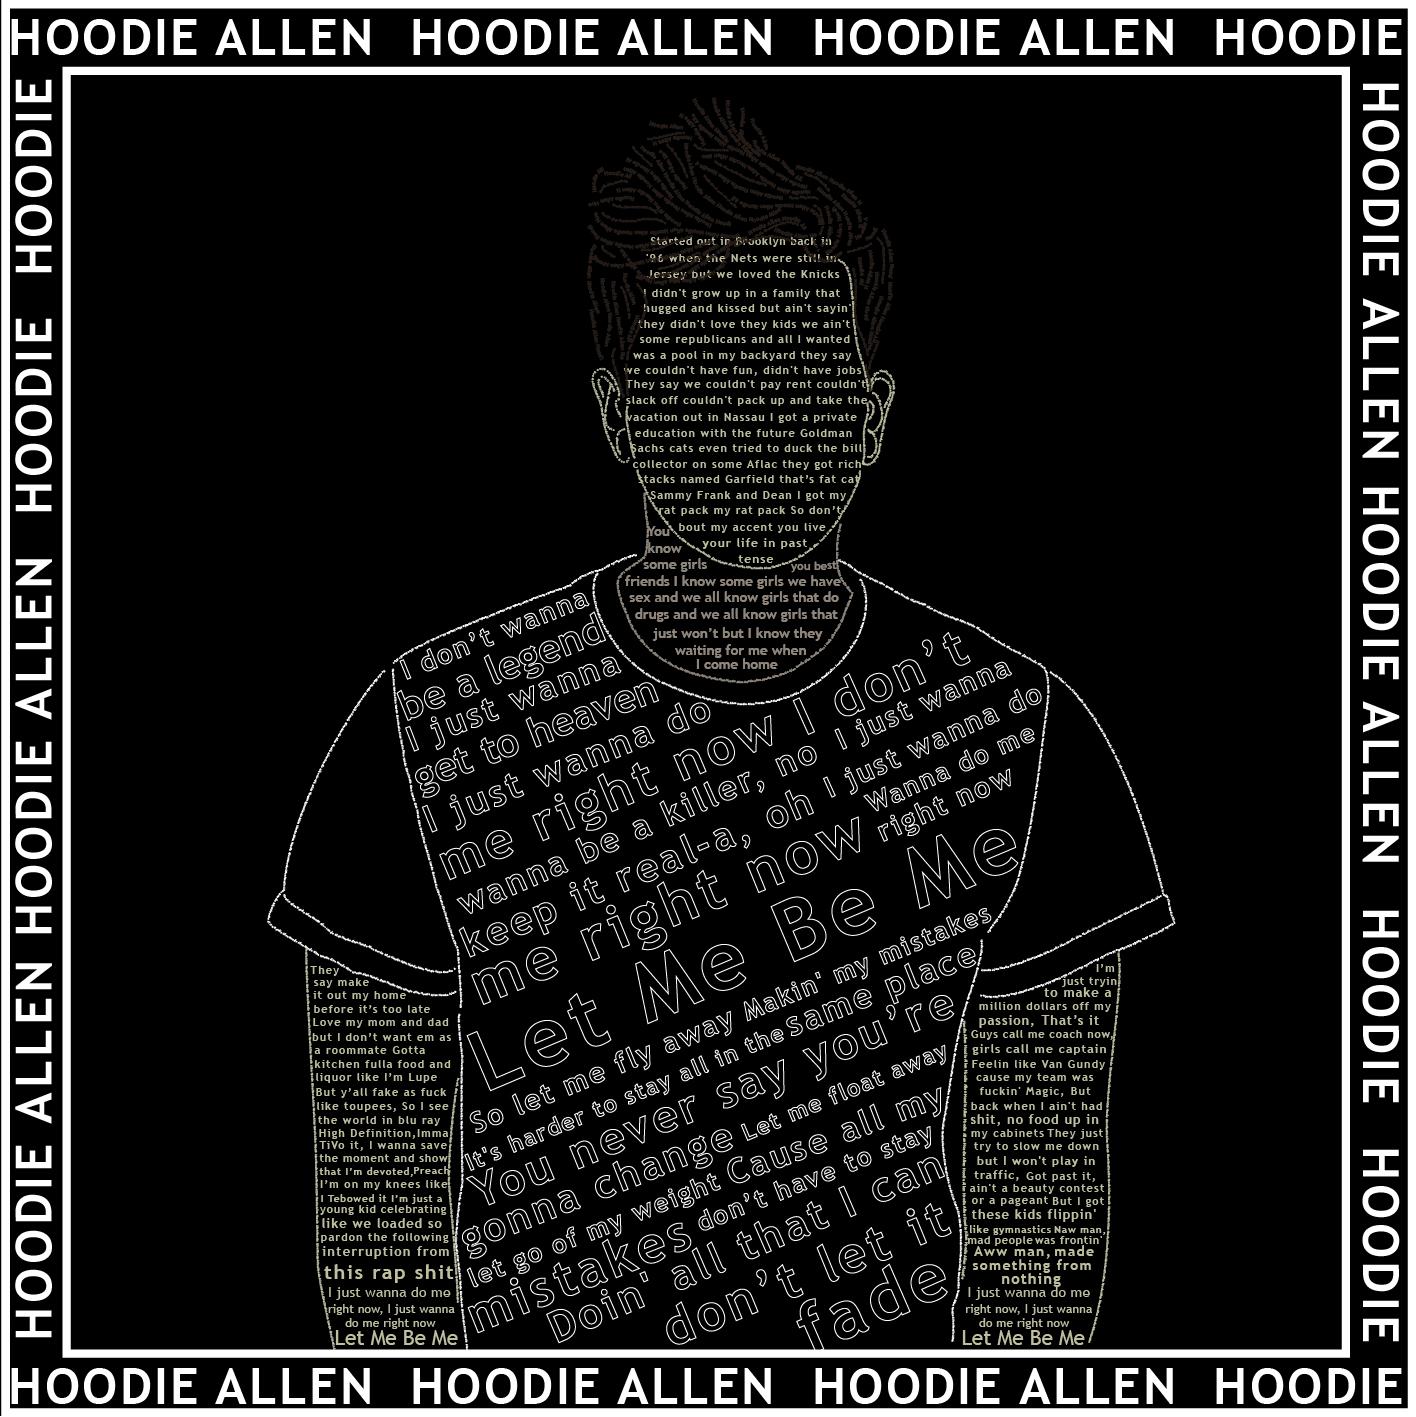 Hoodie allen songs